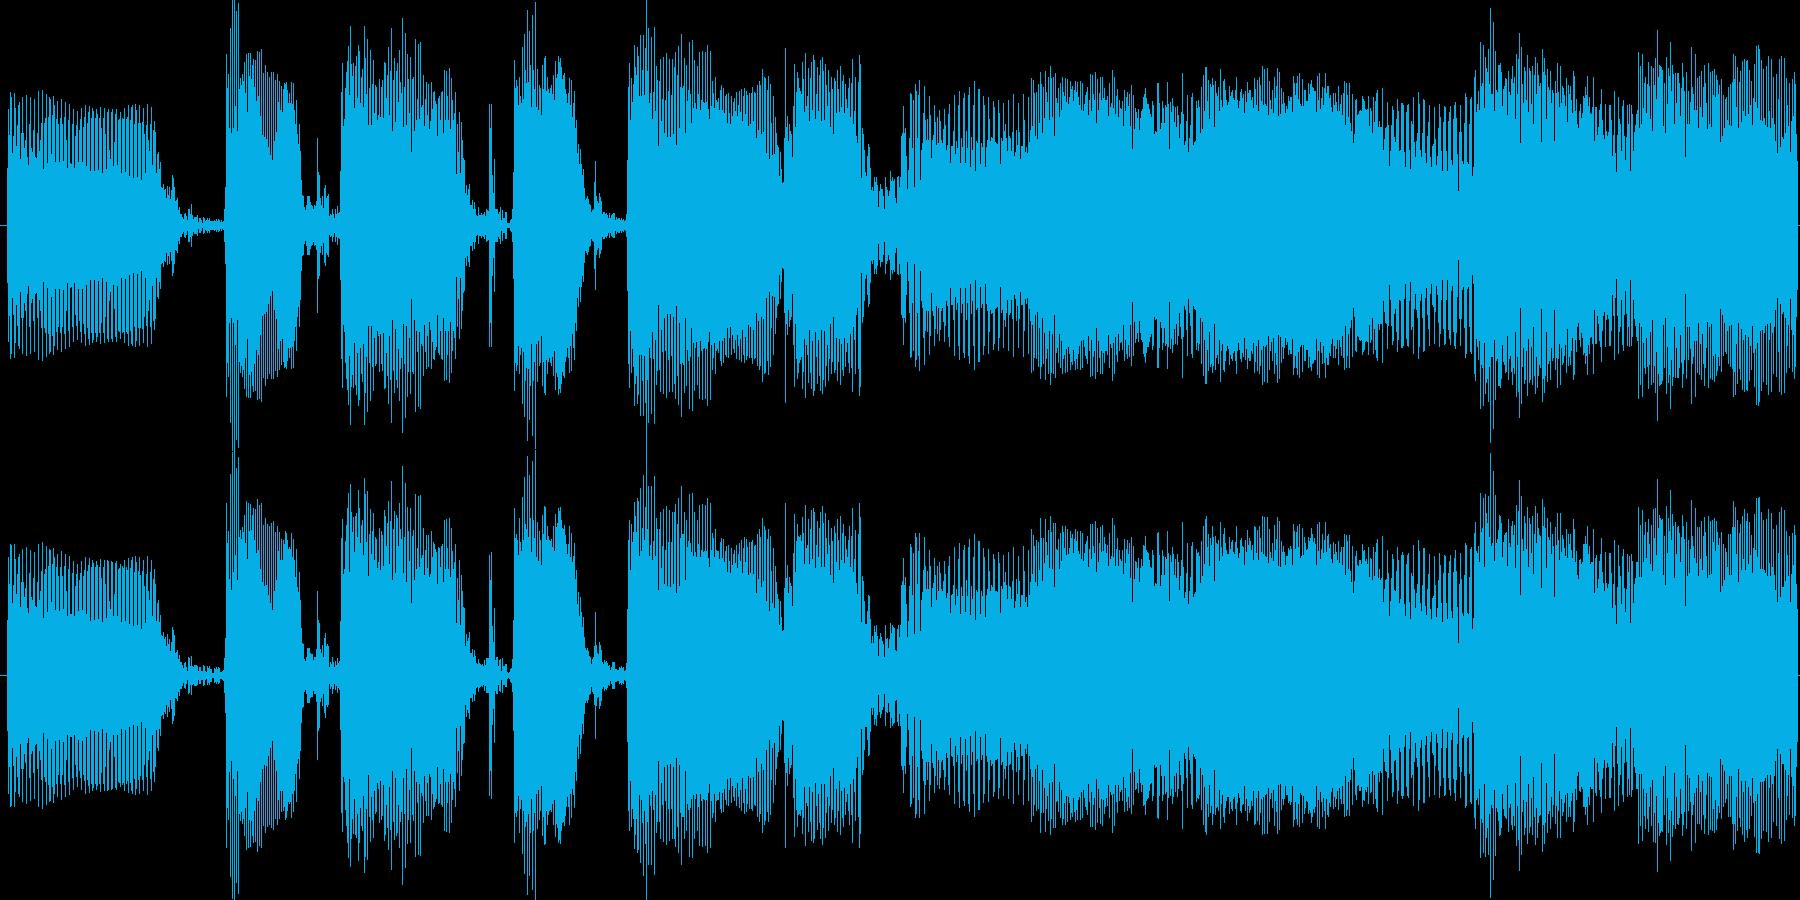 ファンキーでクールなスラップベース素材の再生済みの波形